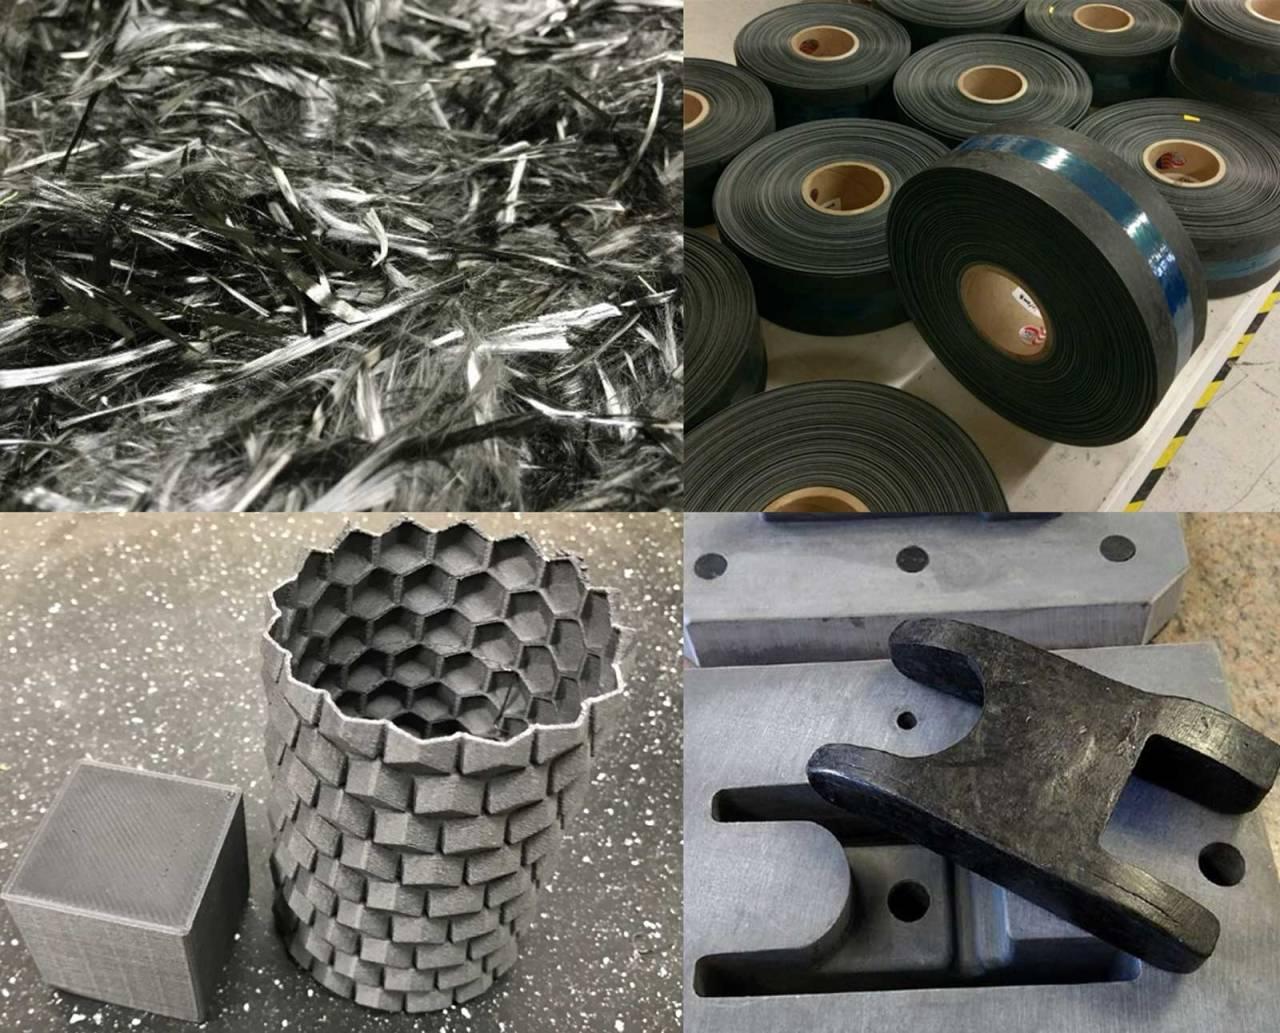 Resirkuleres: Karbon kan resirkuleres, men teknologien er kostbar og begrenset i omfang. Foto: Carbon Composites inc.